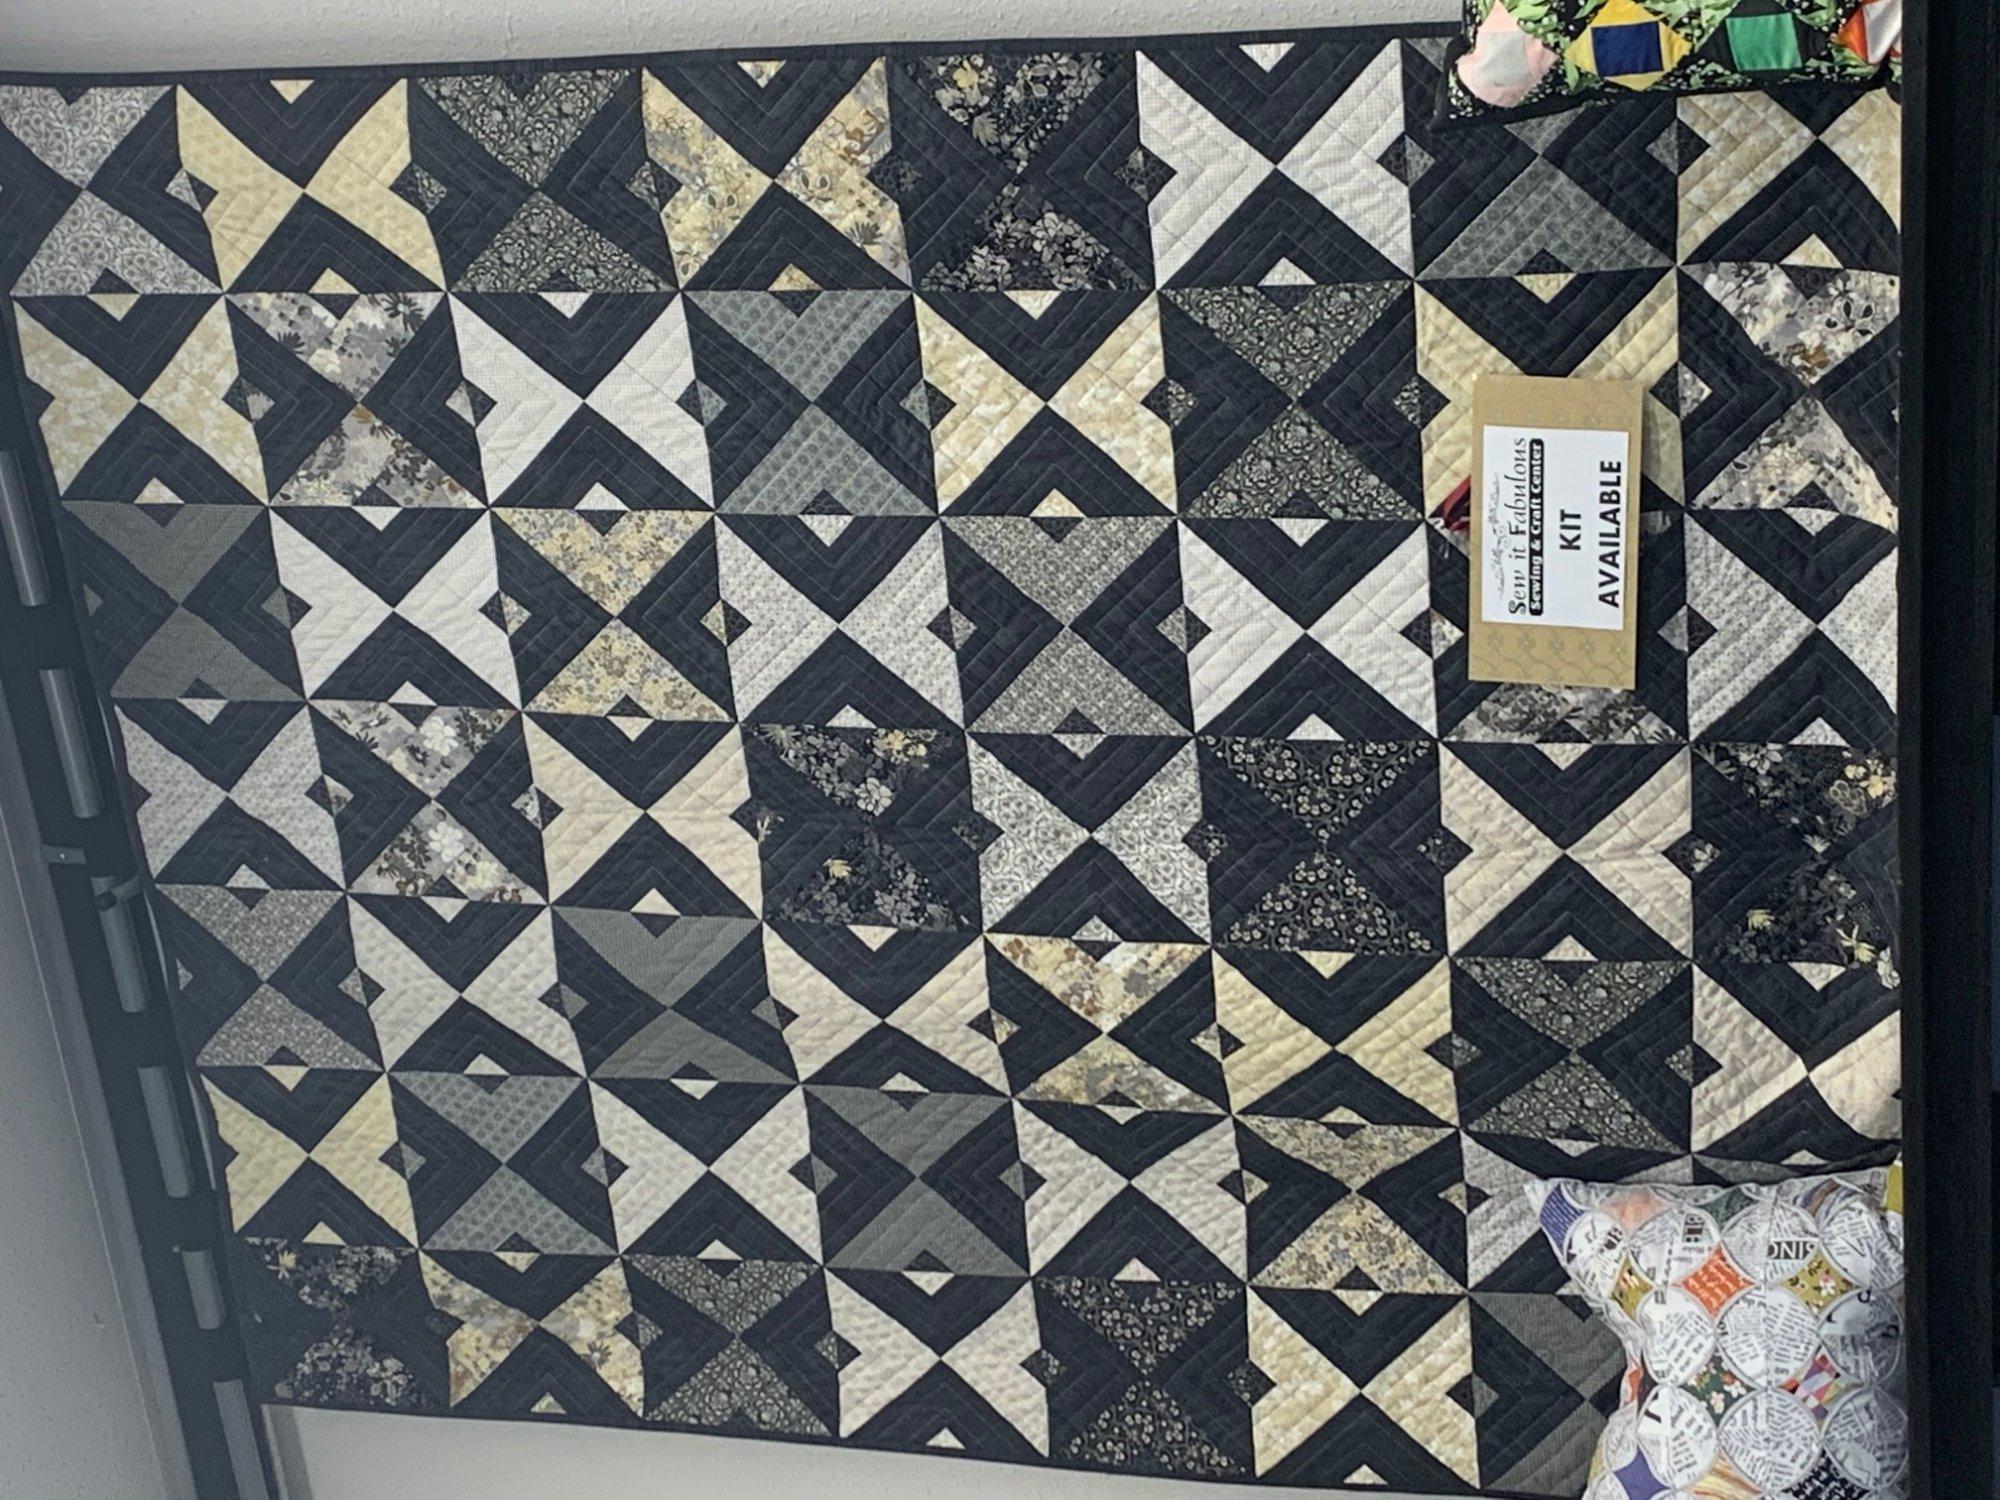 Double Dutch quilt, 65.25 x 74.5